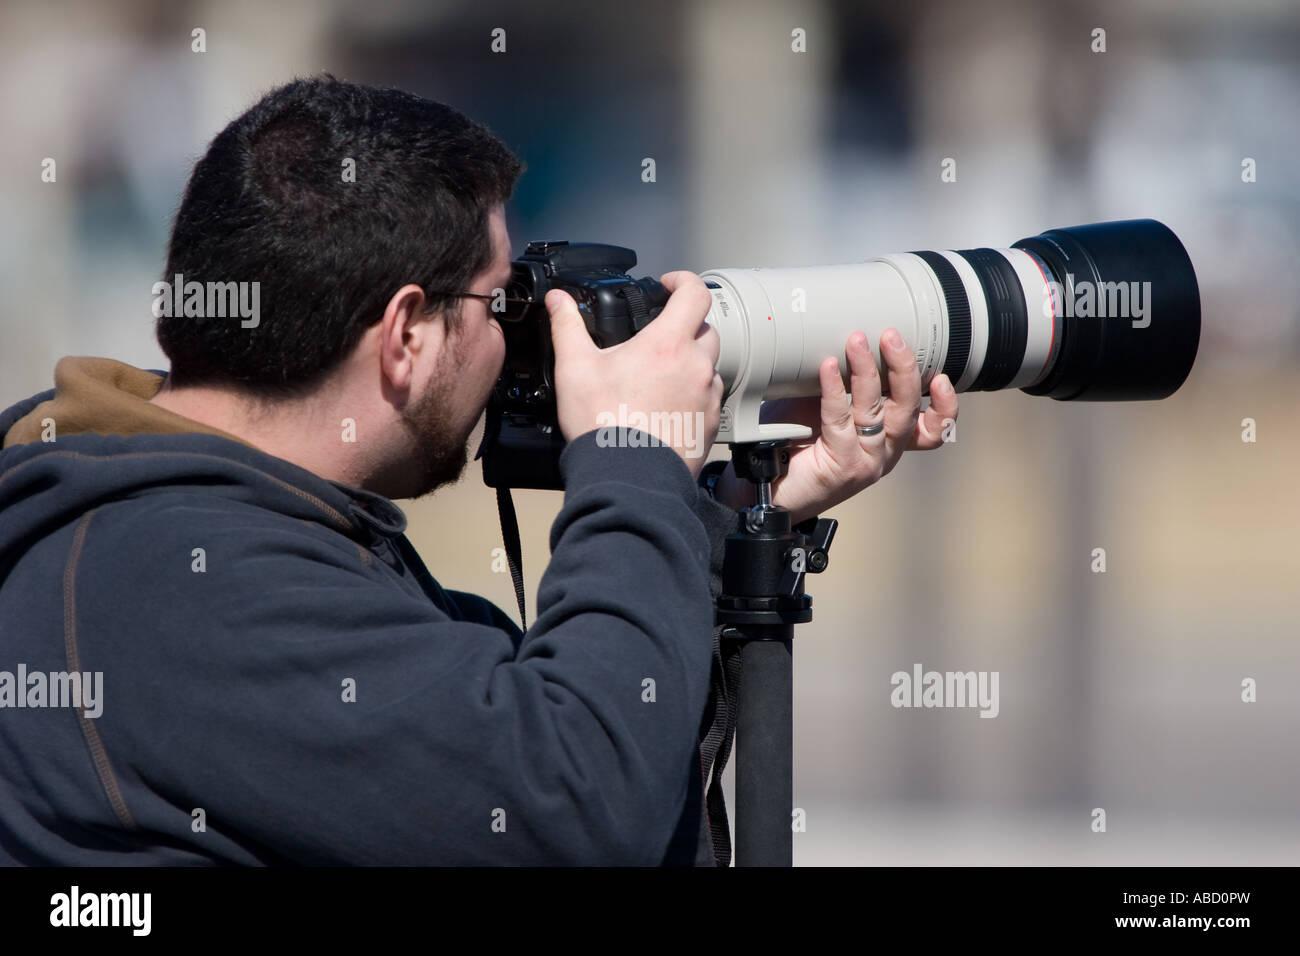 Un fotografo può contenere fino a un canonico 100-400L un teleobiettivo su un EOS 20D fotocamera. Immagini Stock